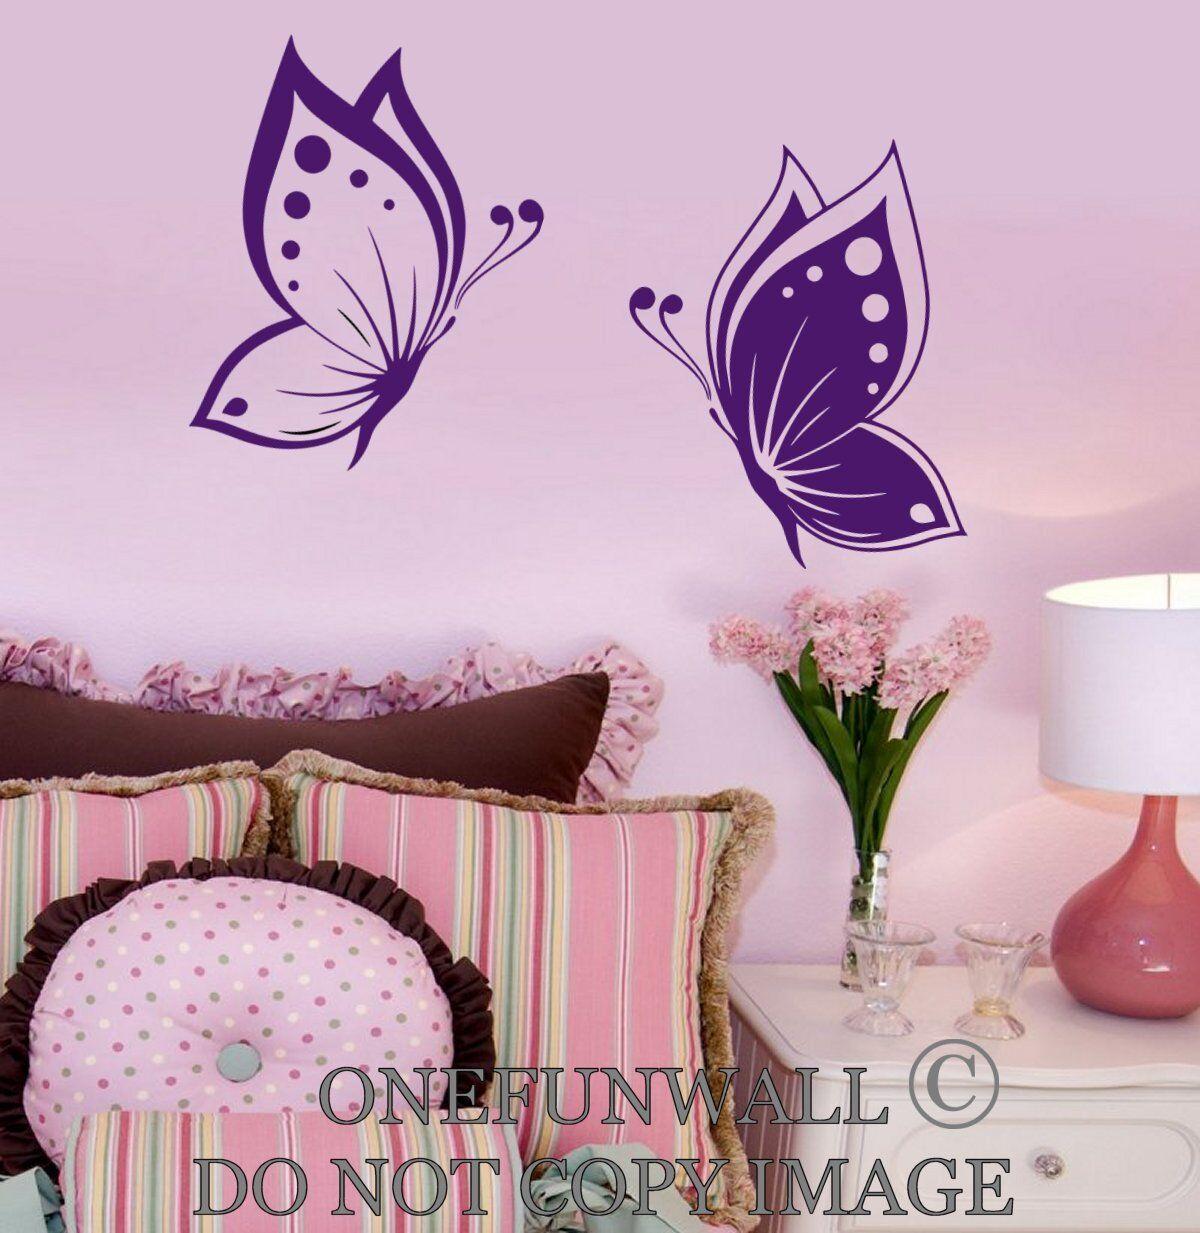 Esprit Kids Wallpaper Kids Room Striped Pink 30288 2 2 09 1qm For Sale Online Ebay